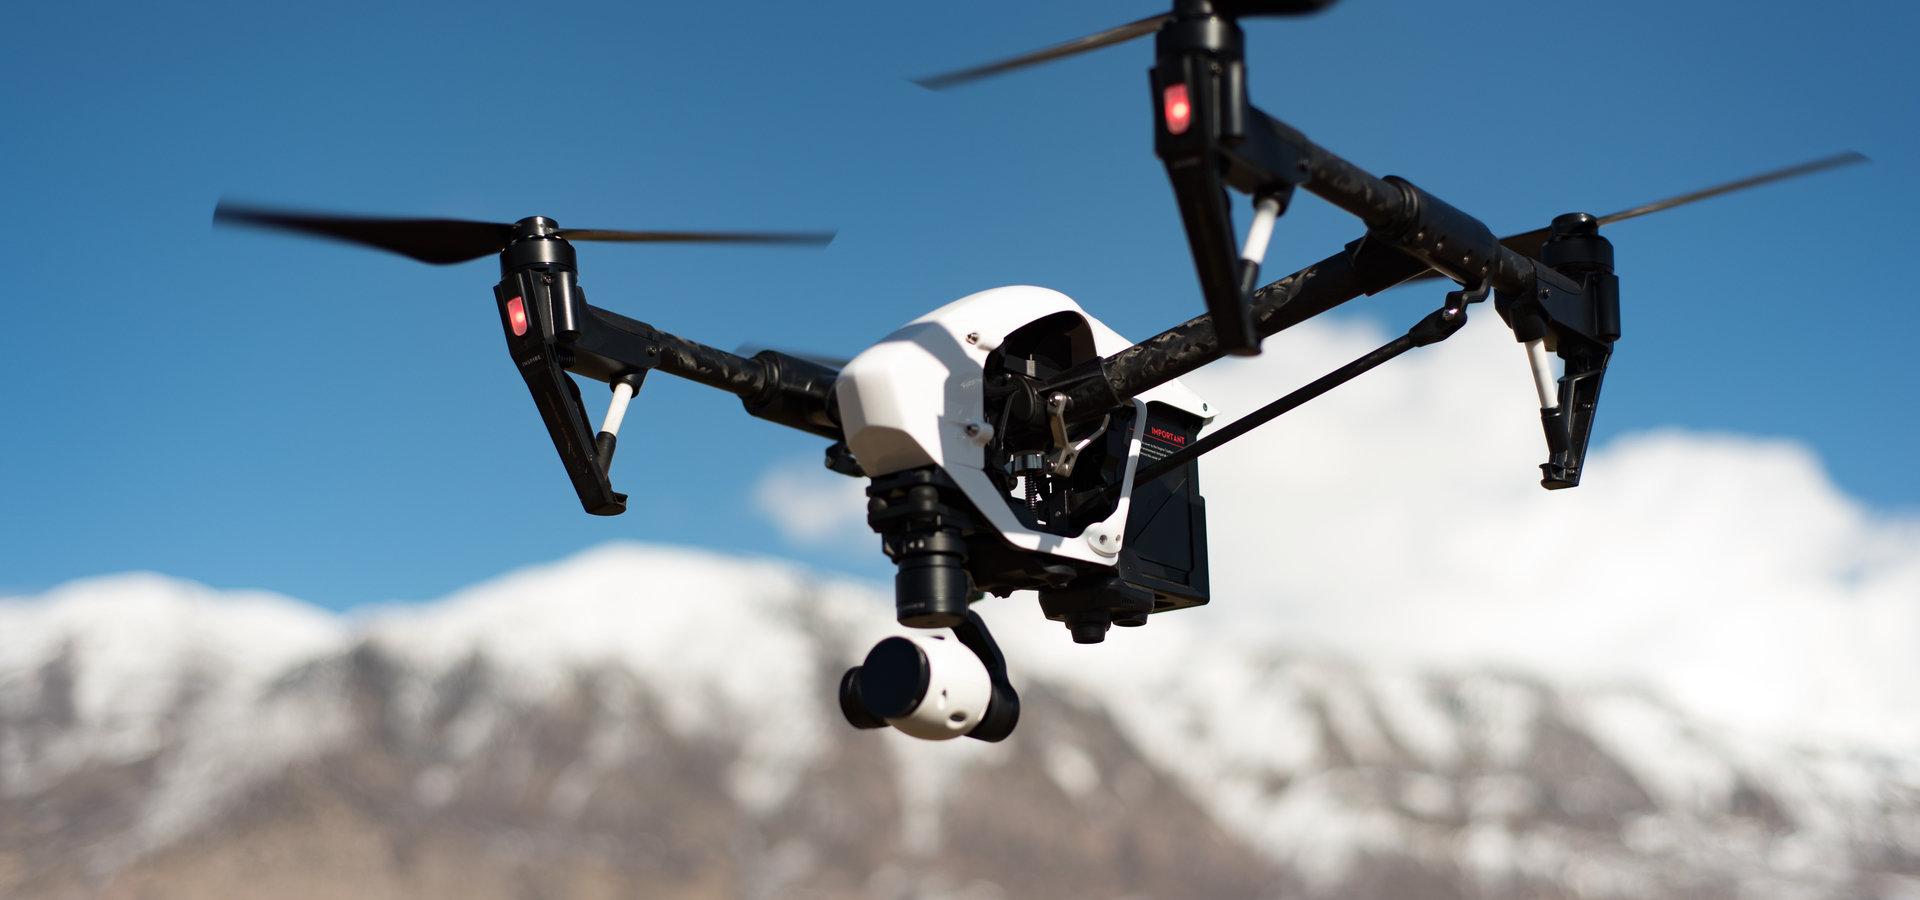 Dron dostarczający leki - co stoi na przeszkodzie?